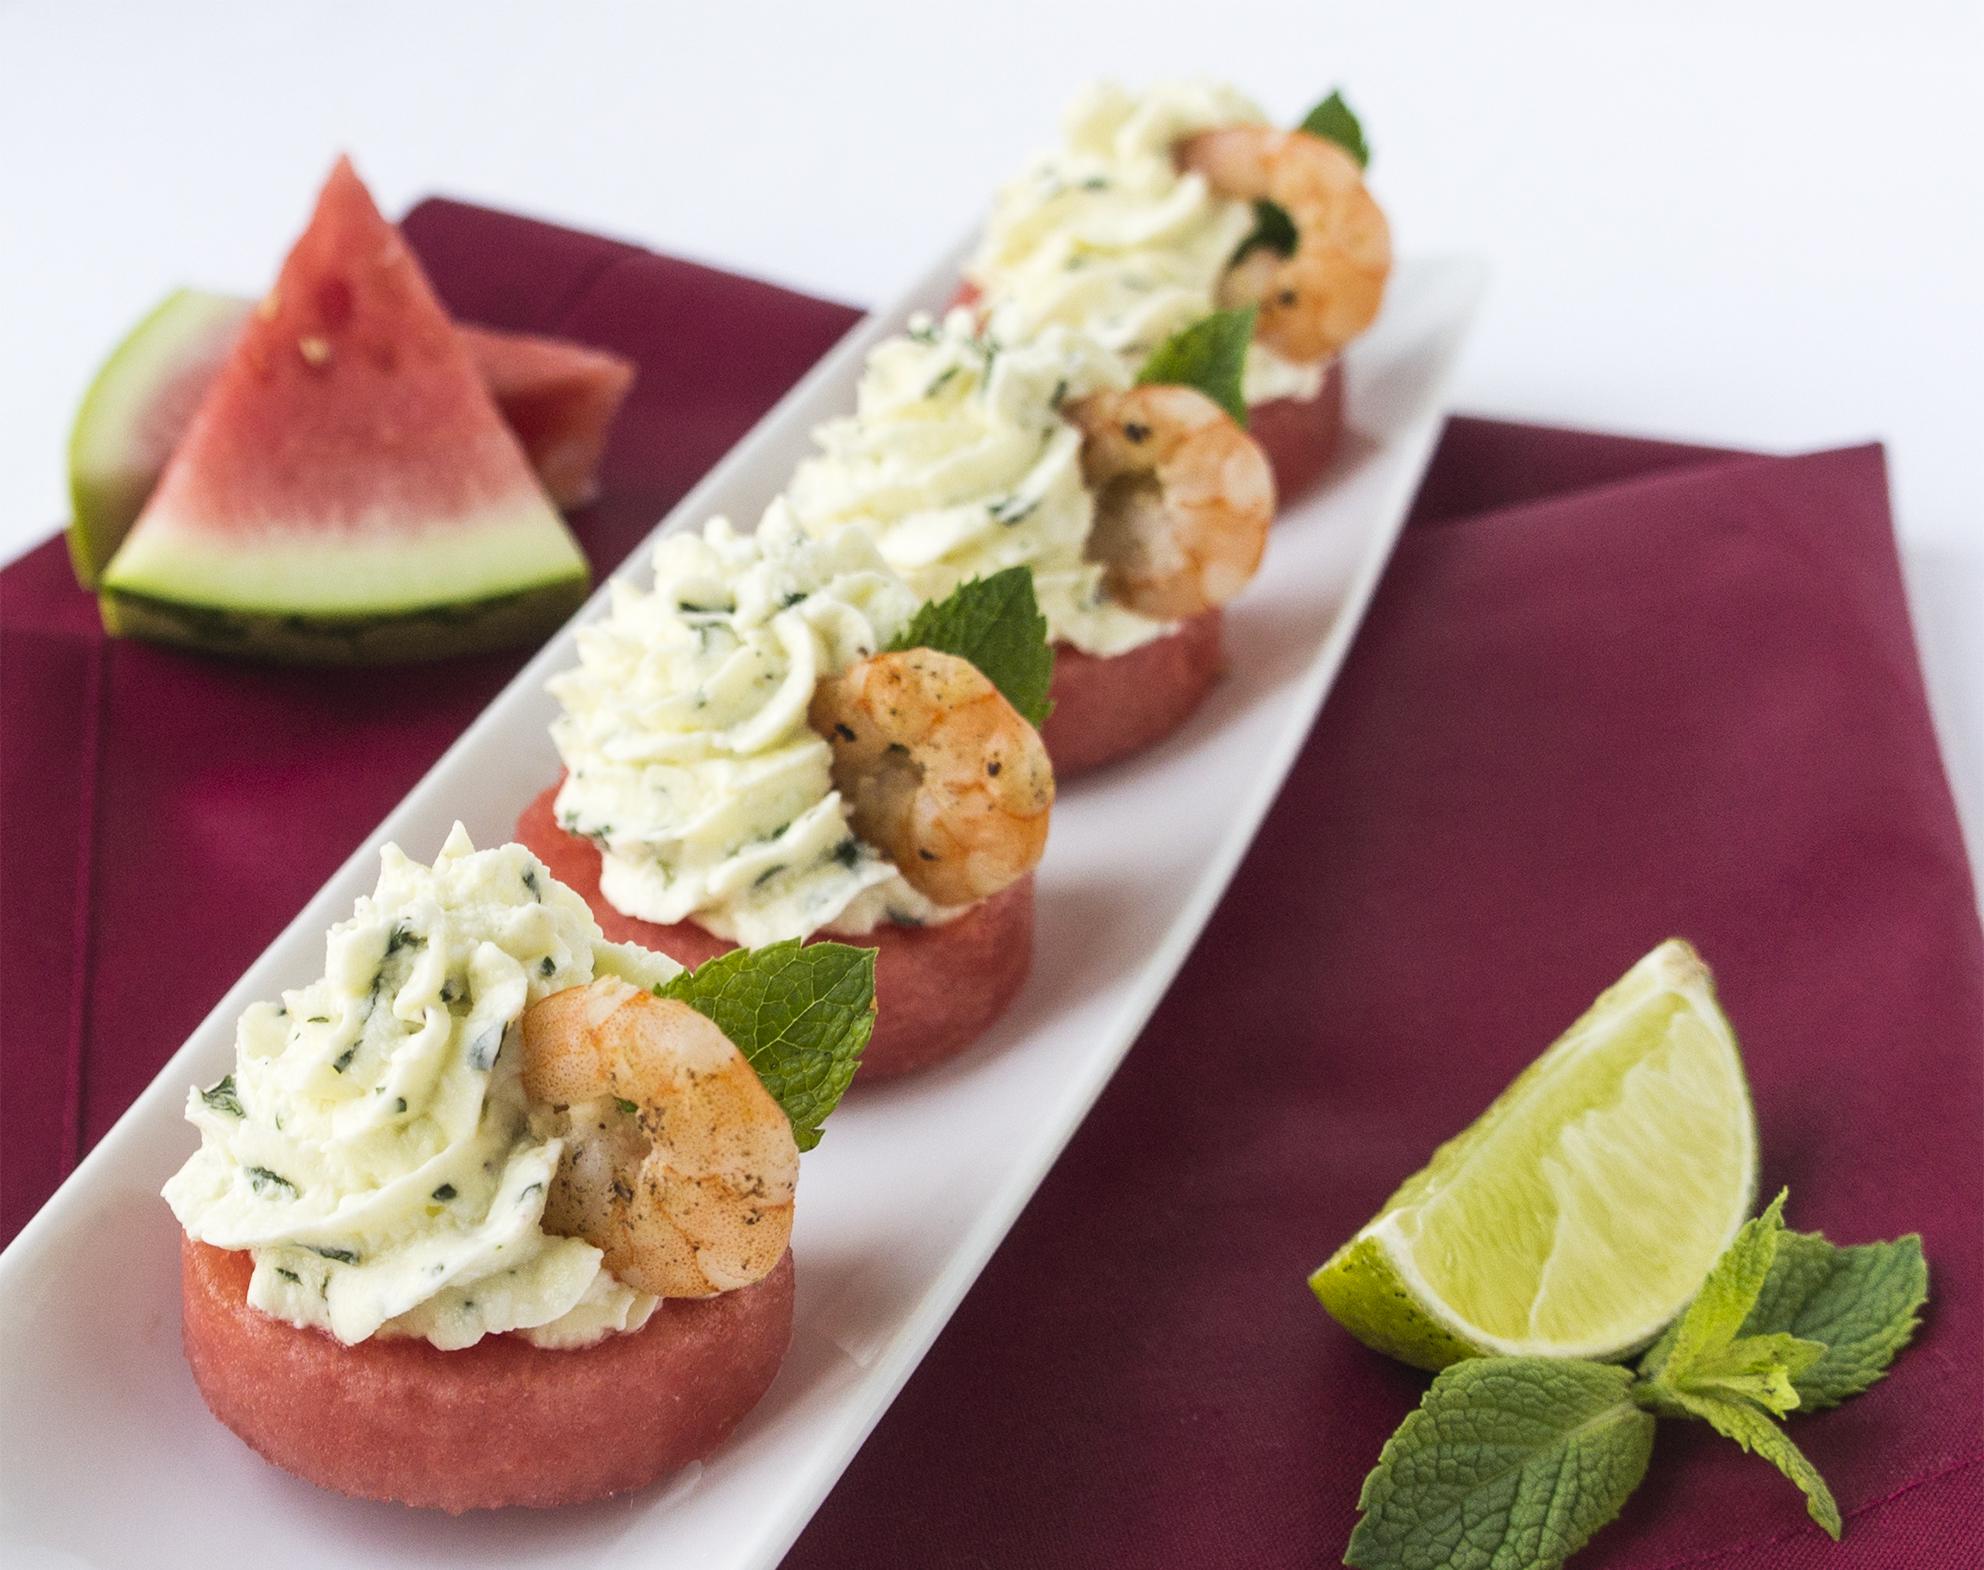 Melonentaler mit Minze-Feta-Creme und Limetten-Shrimps